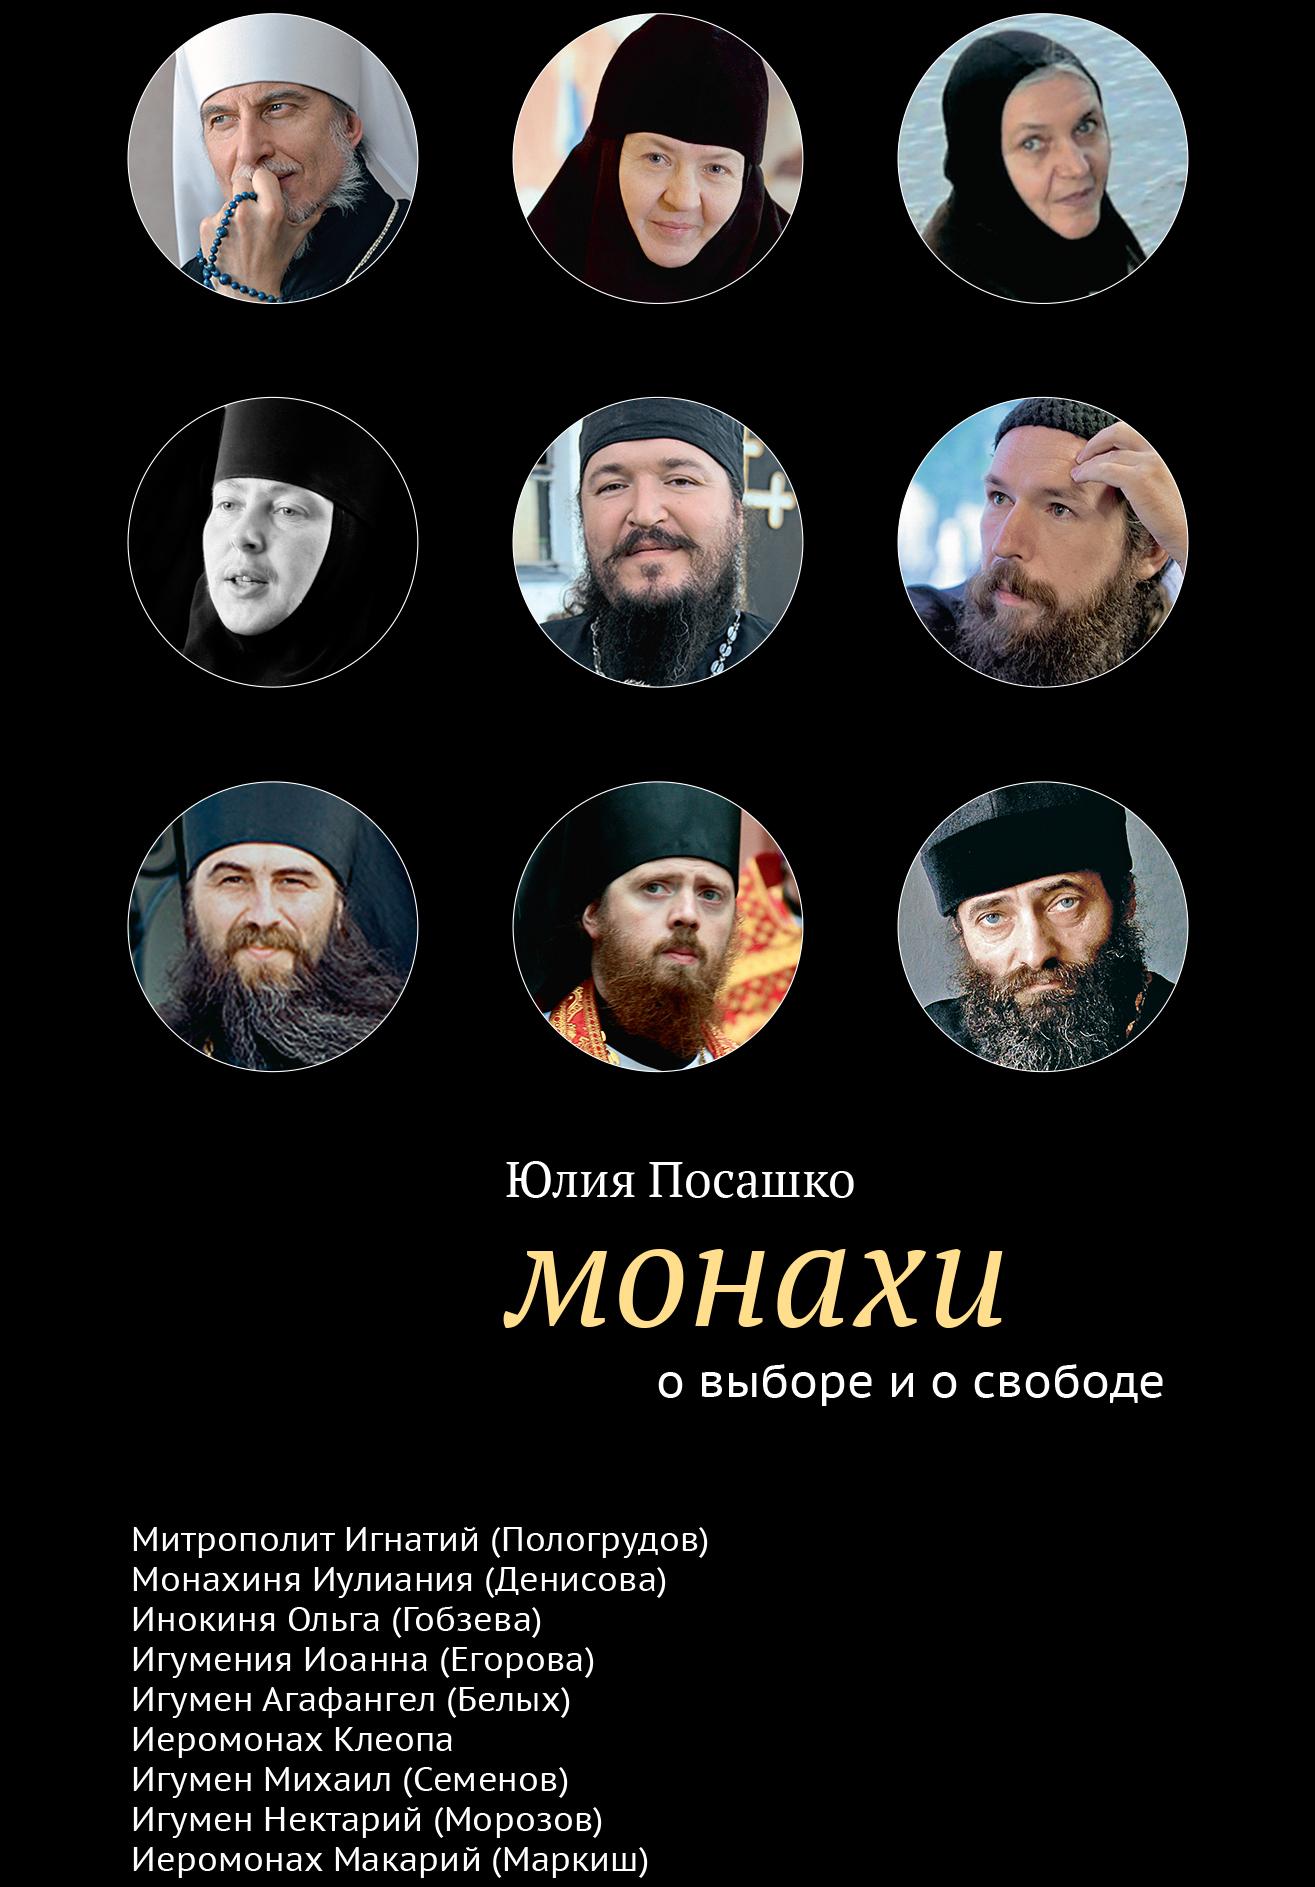 Монахи. О выборе и о свободе